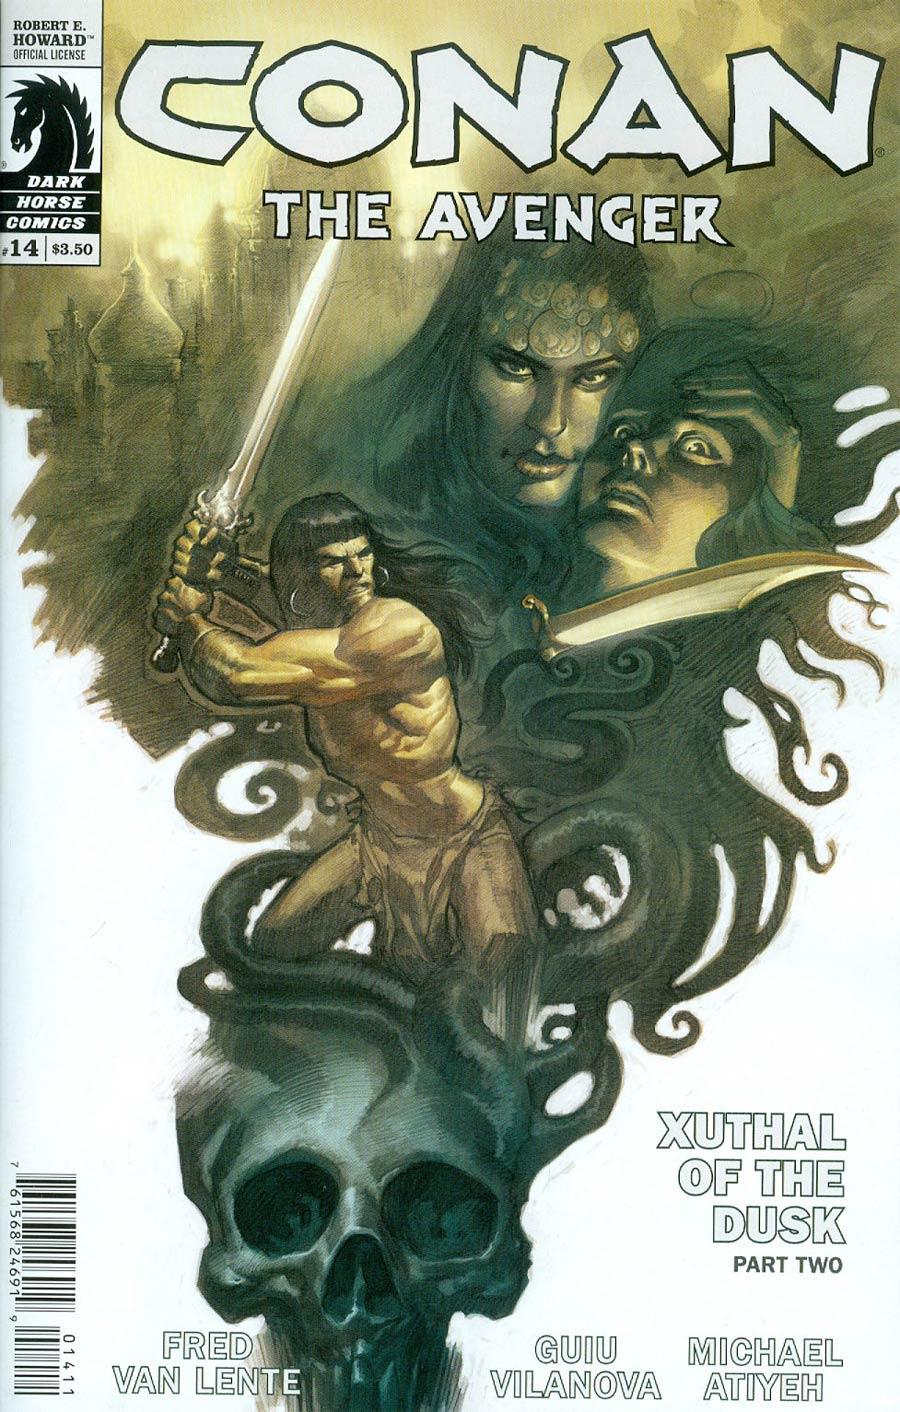 Conan The Avenger #14